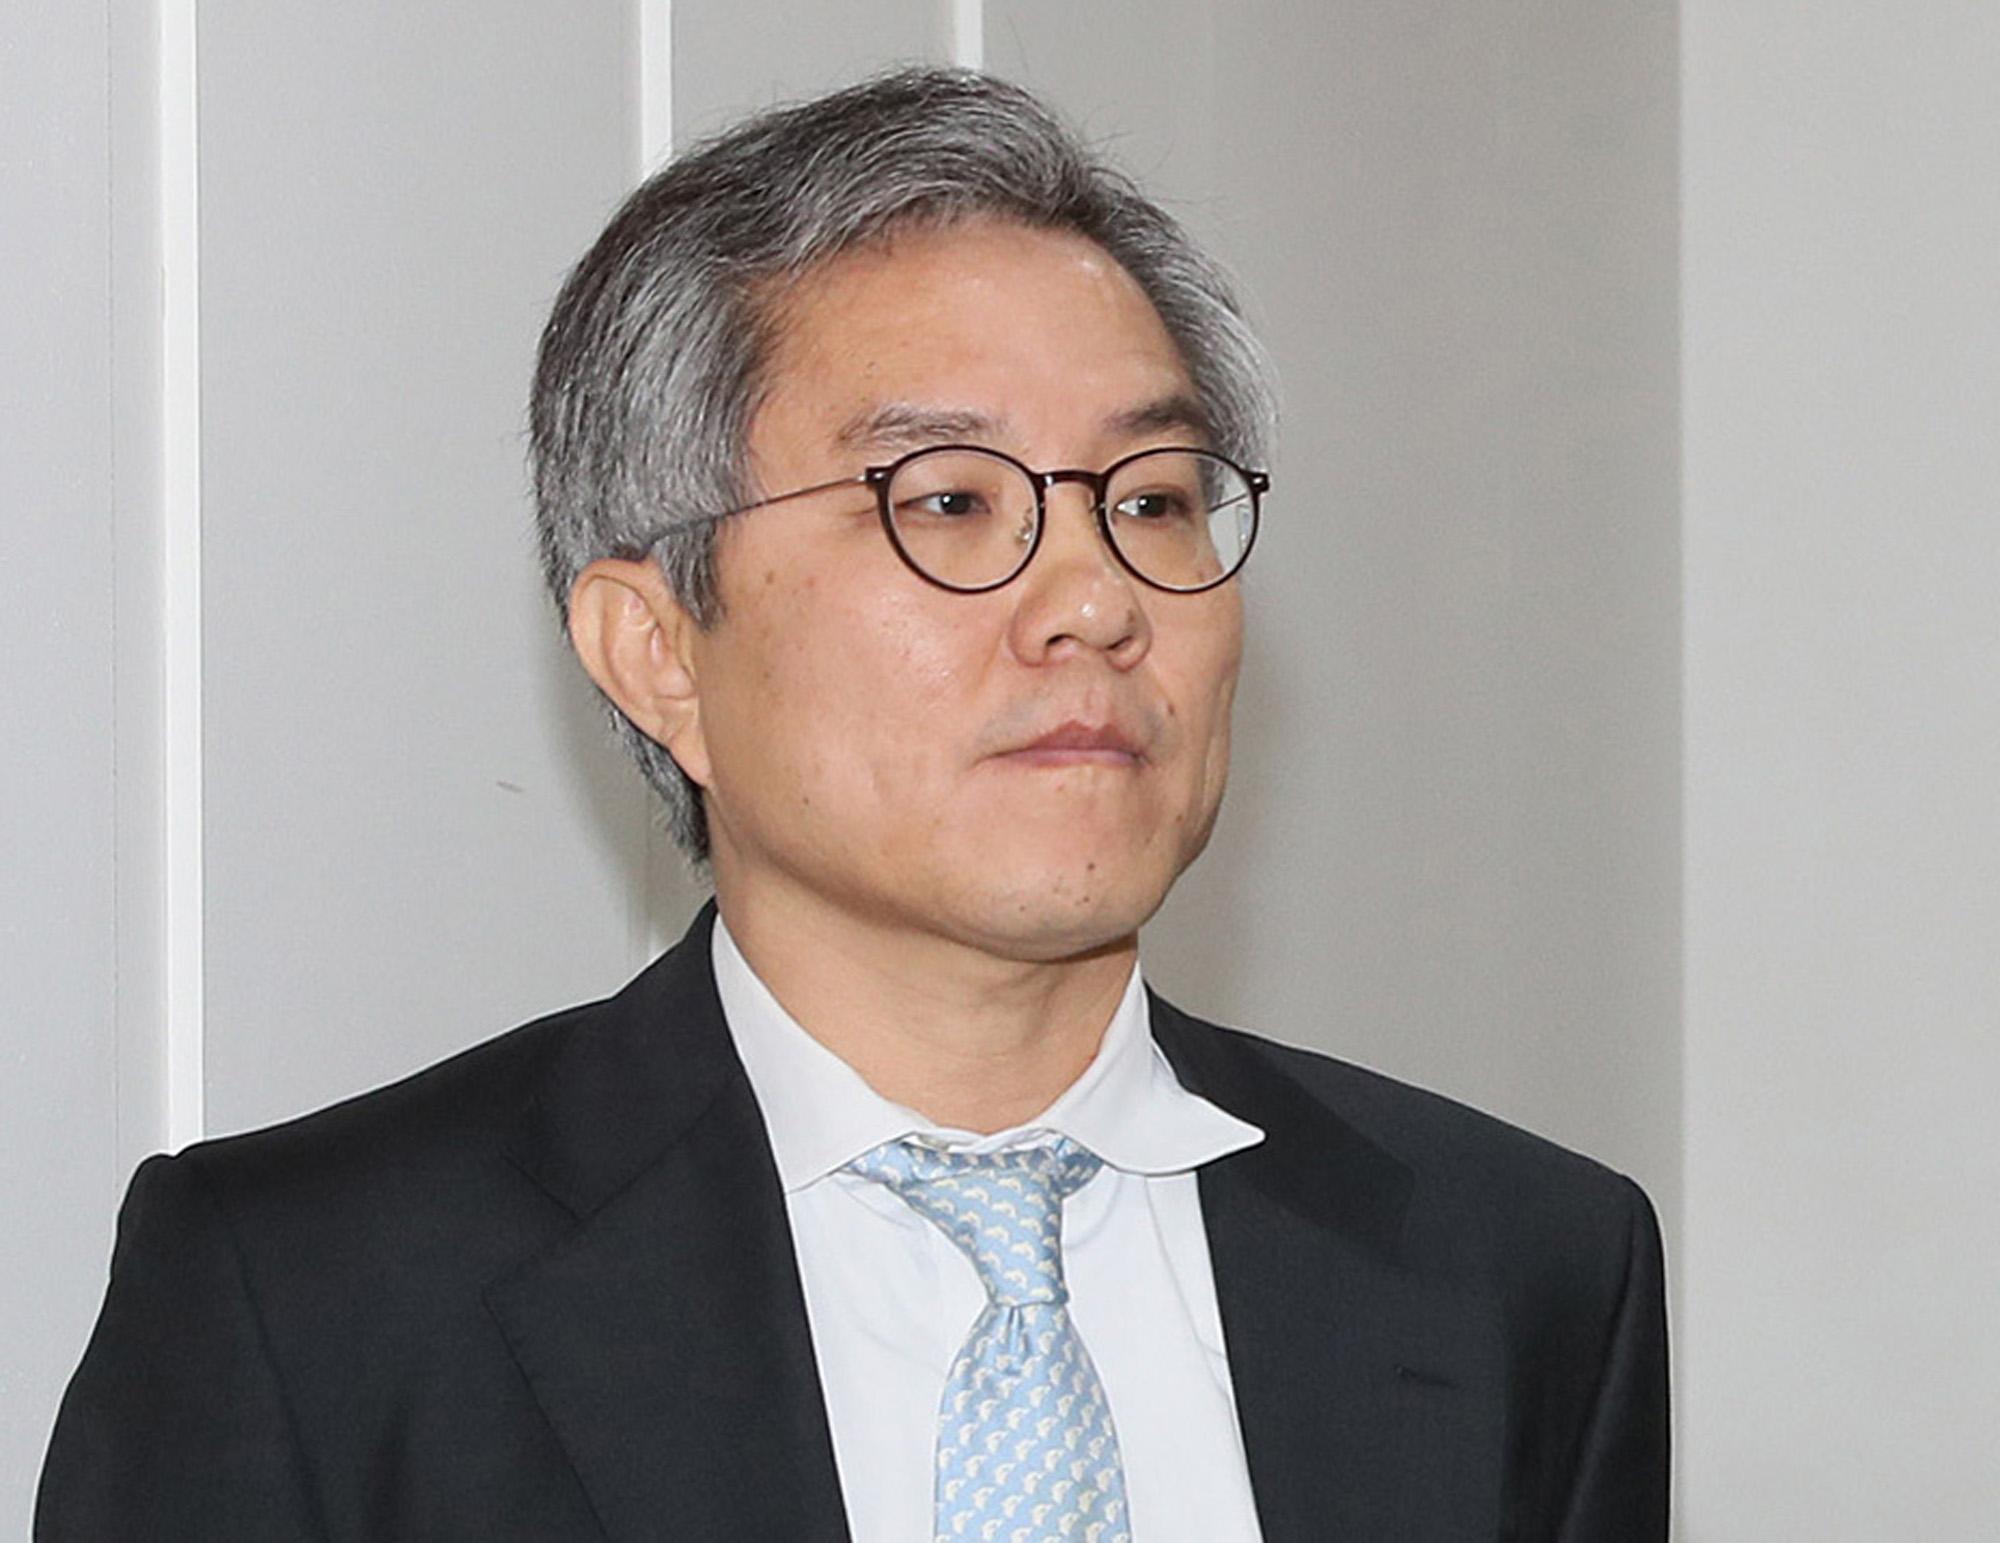 검찰, 최강욱 비서관 업무방해 혐의 불구속 기소